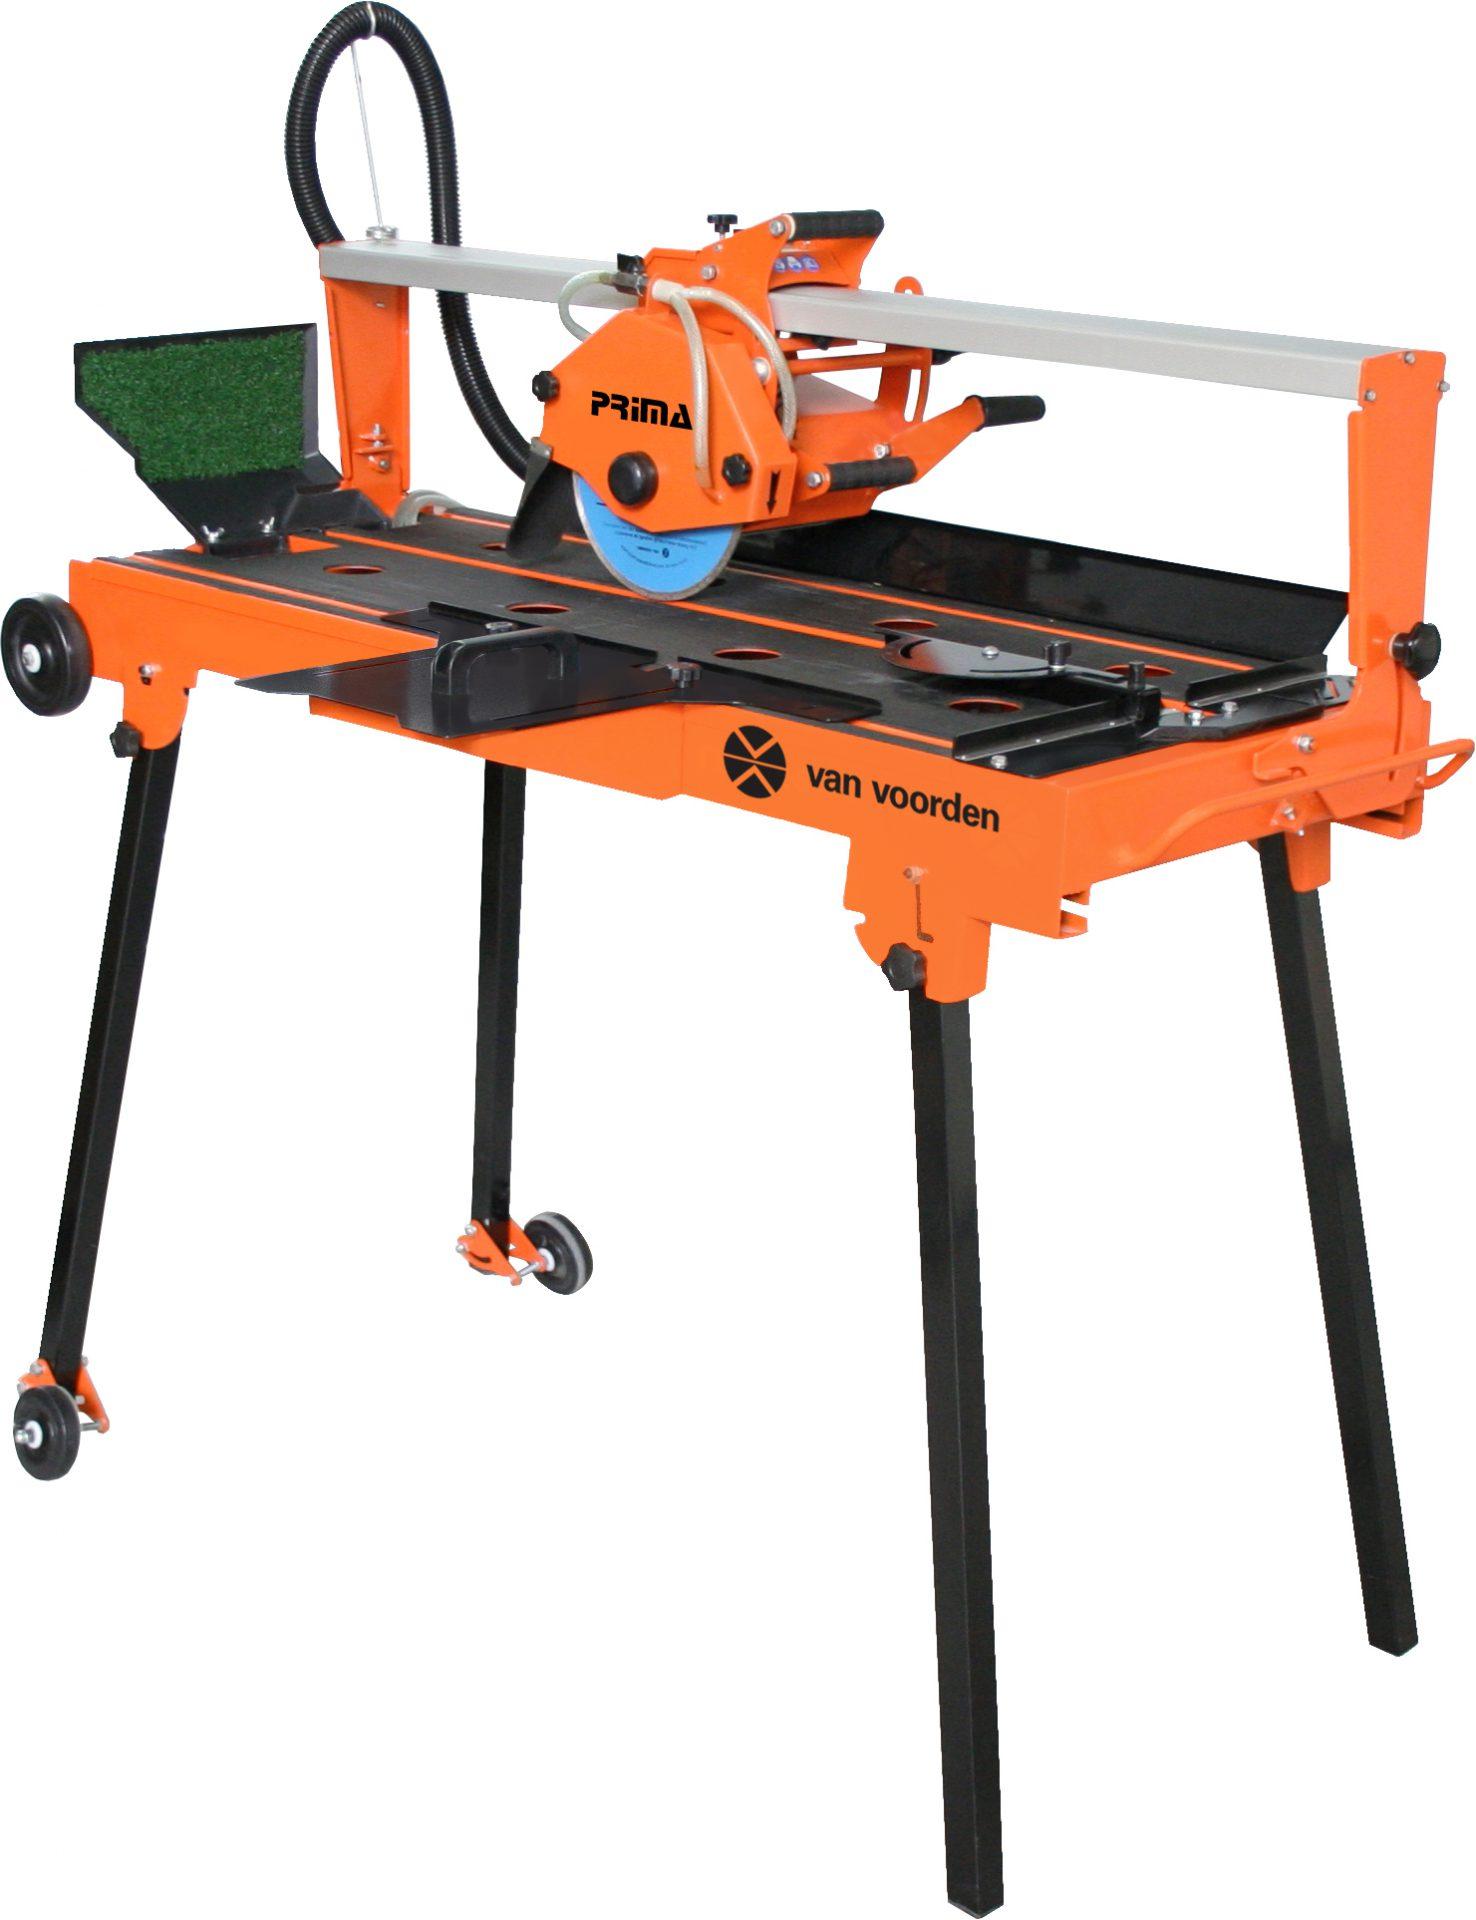 tegelzaagmachine-wand-tegel-diamant-zaag-machine-tafel-verstek-inklapbaar-prima-voorden